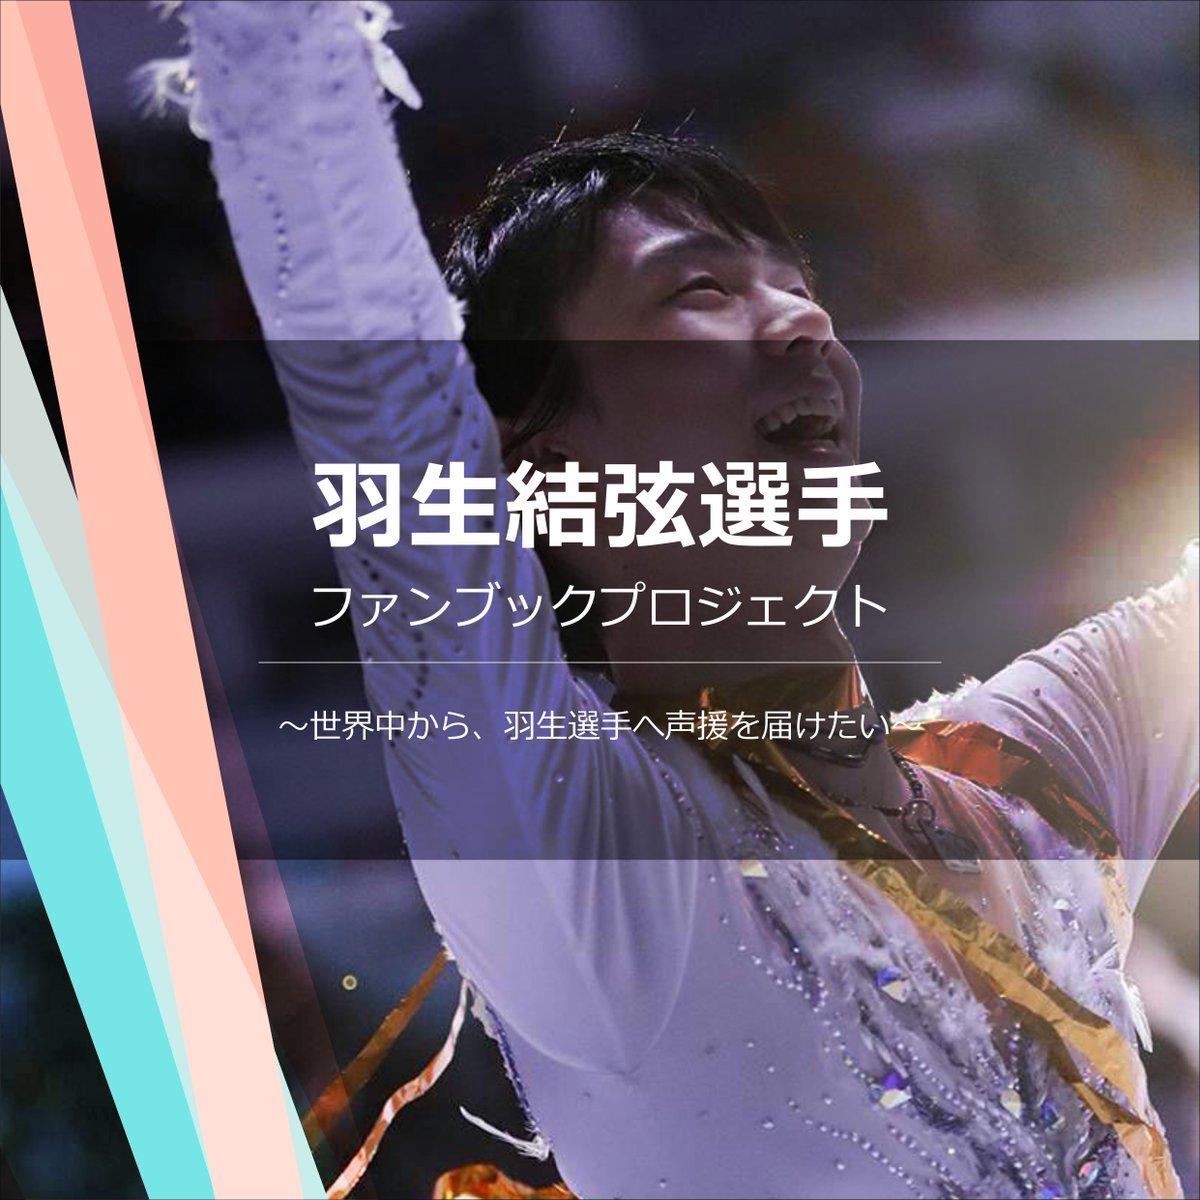 羽生結弦選手へ送る応援ファンブックの作成を海外のファンが企画。羽生選手に関わるイラストや手芸作品の写真を募集中